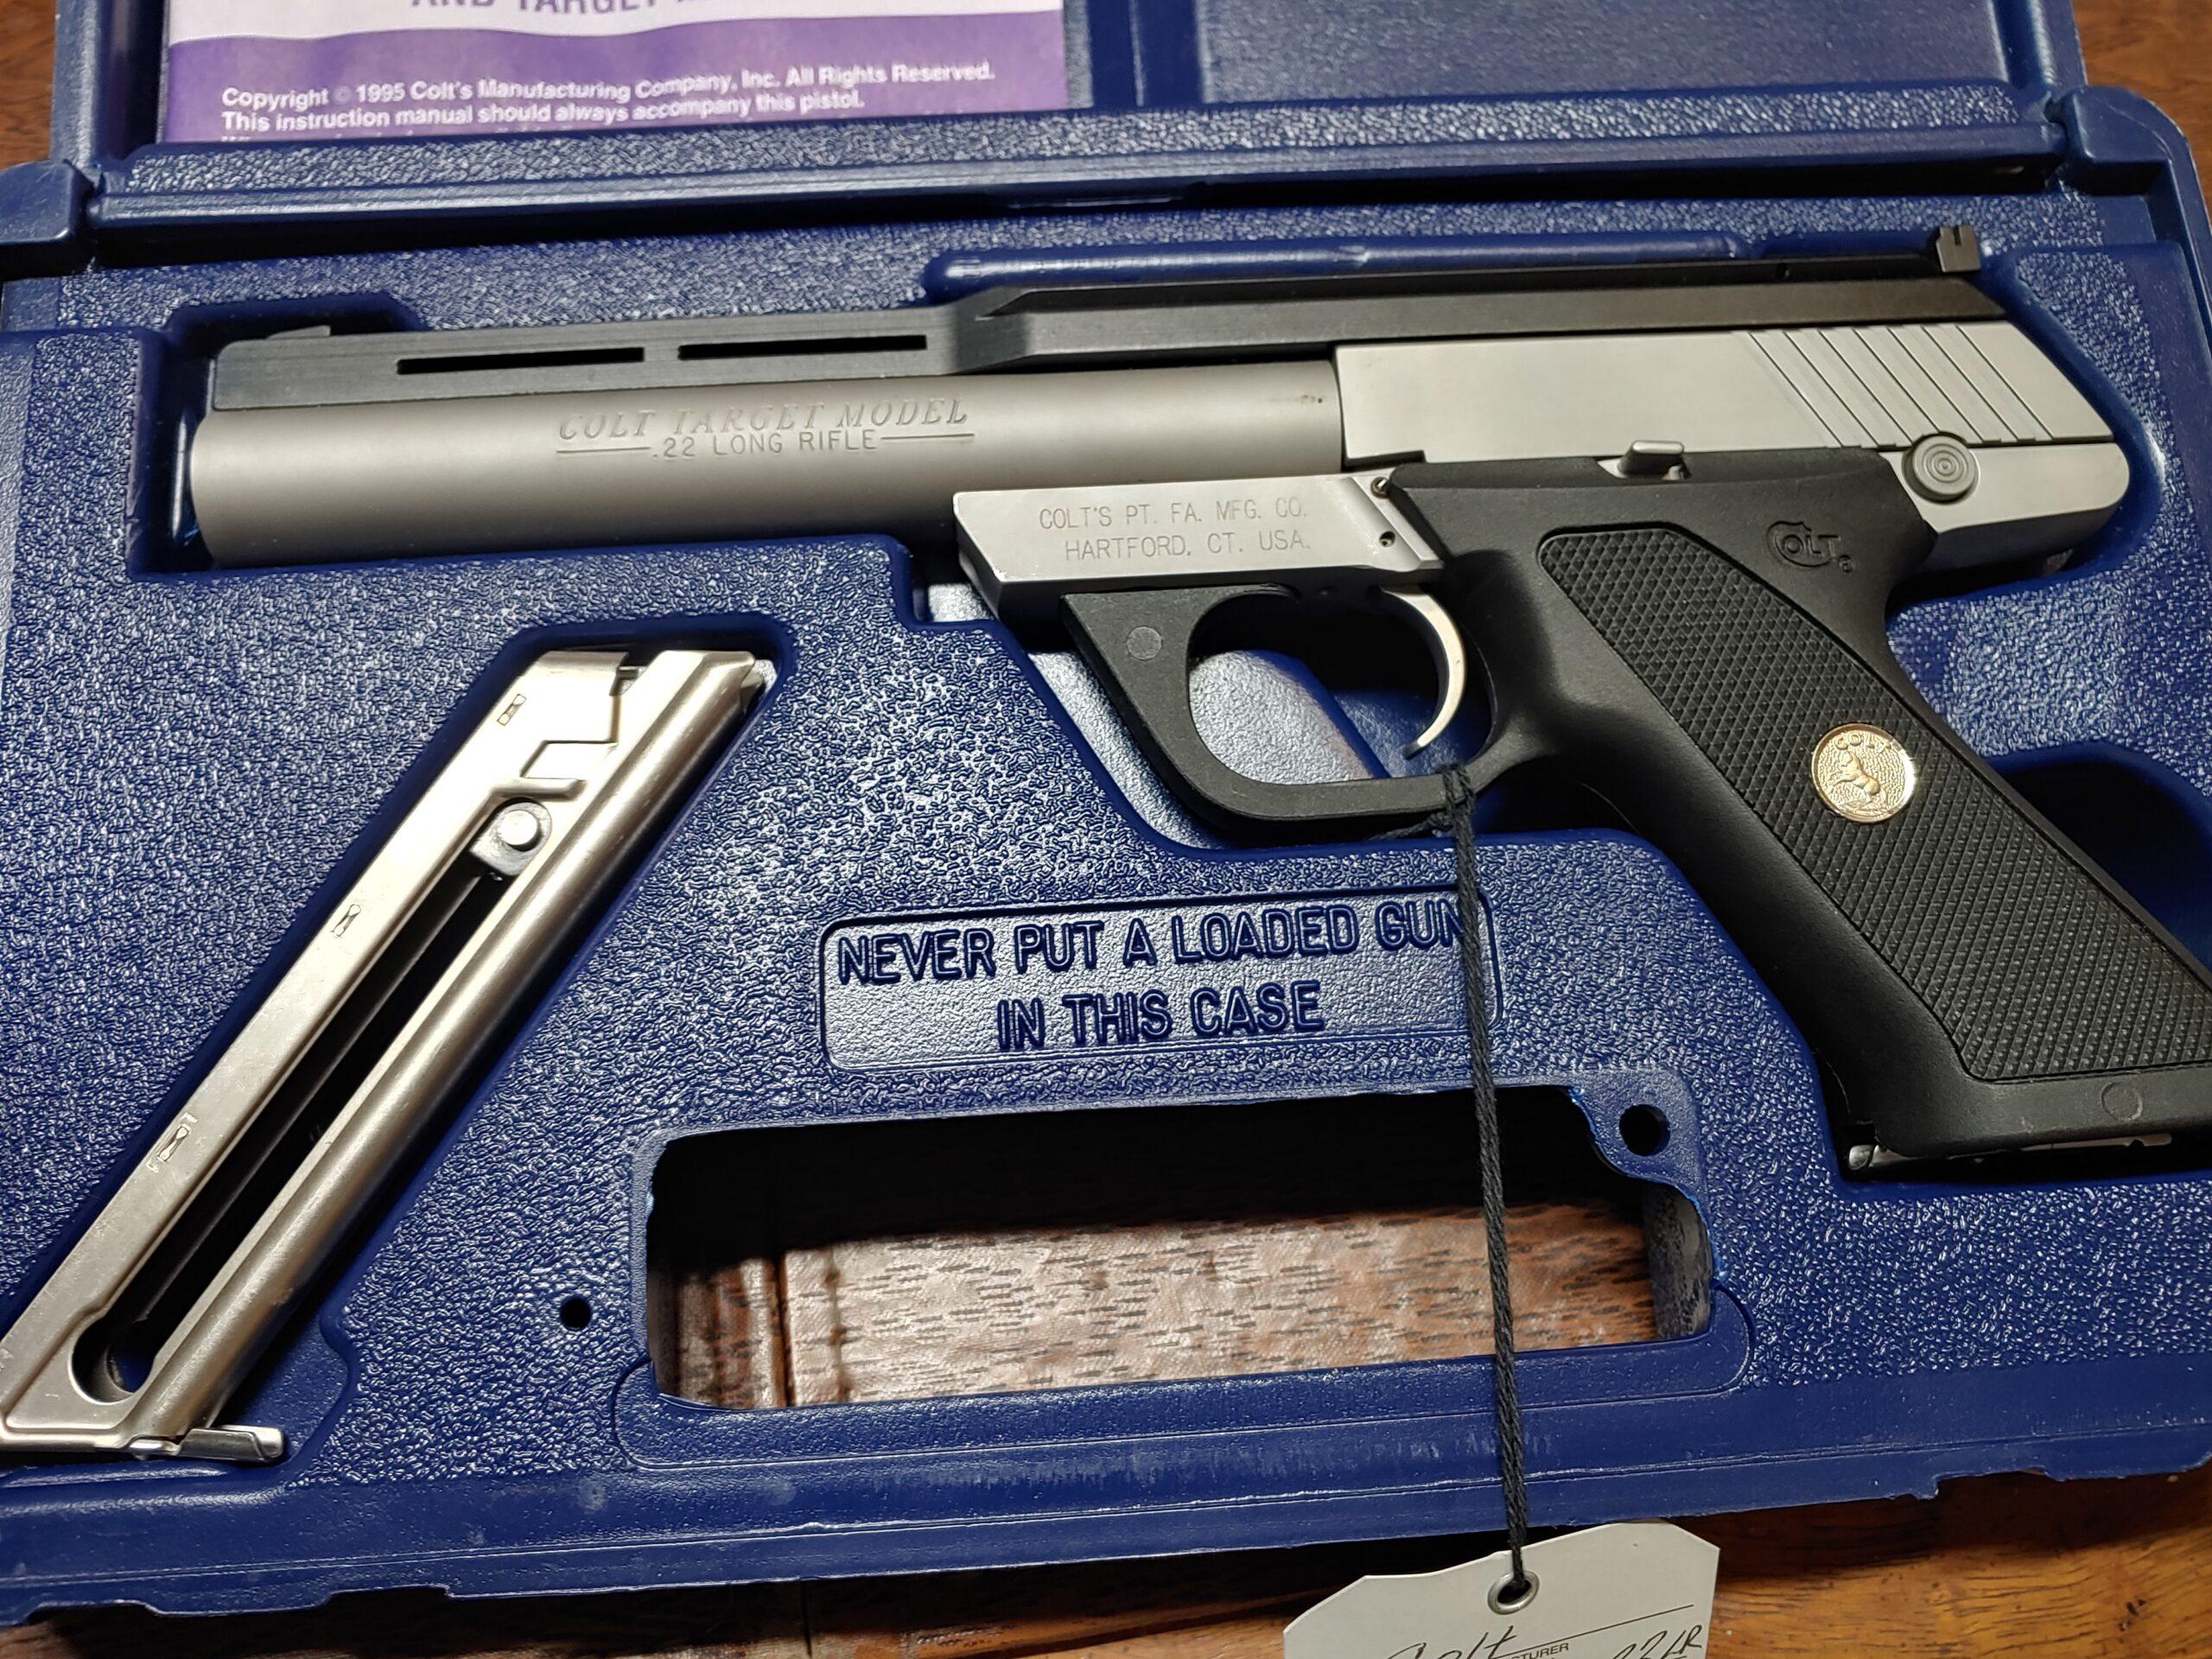 Colt 22 Target